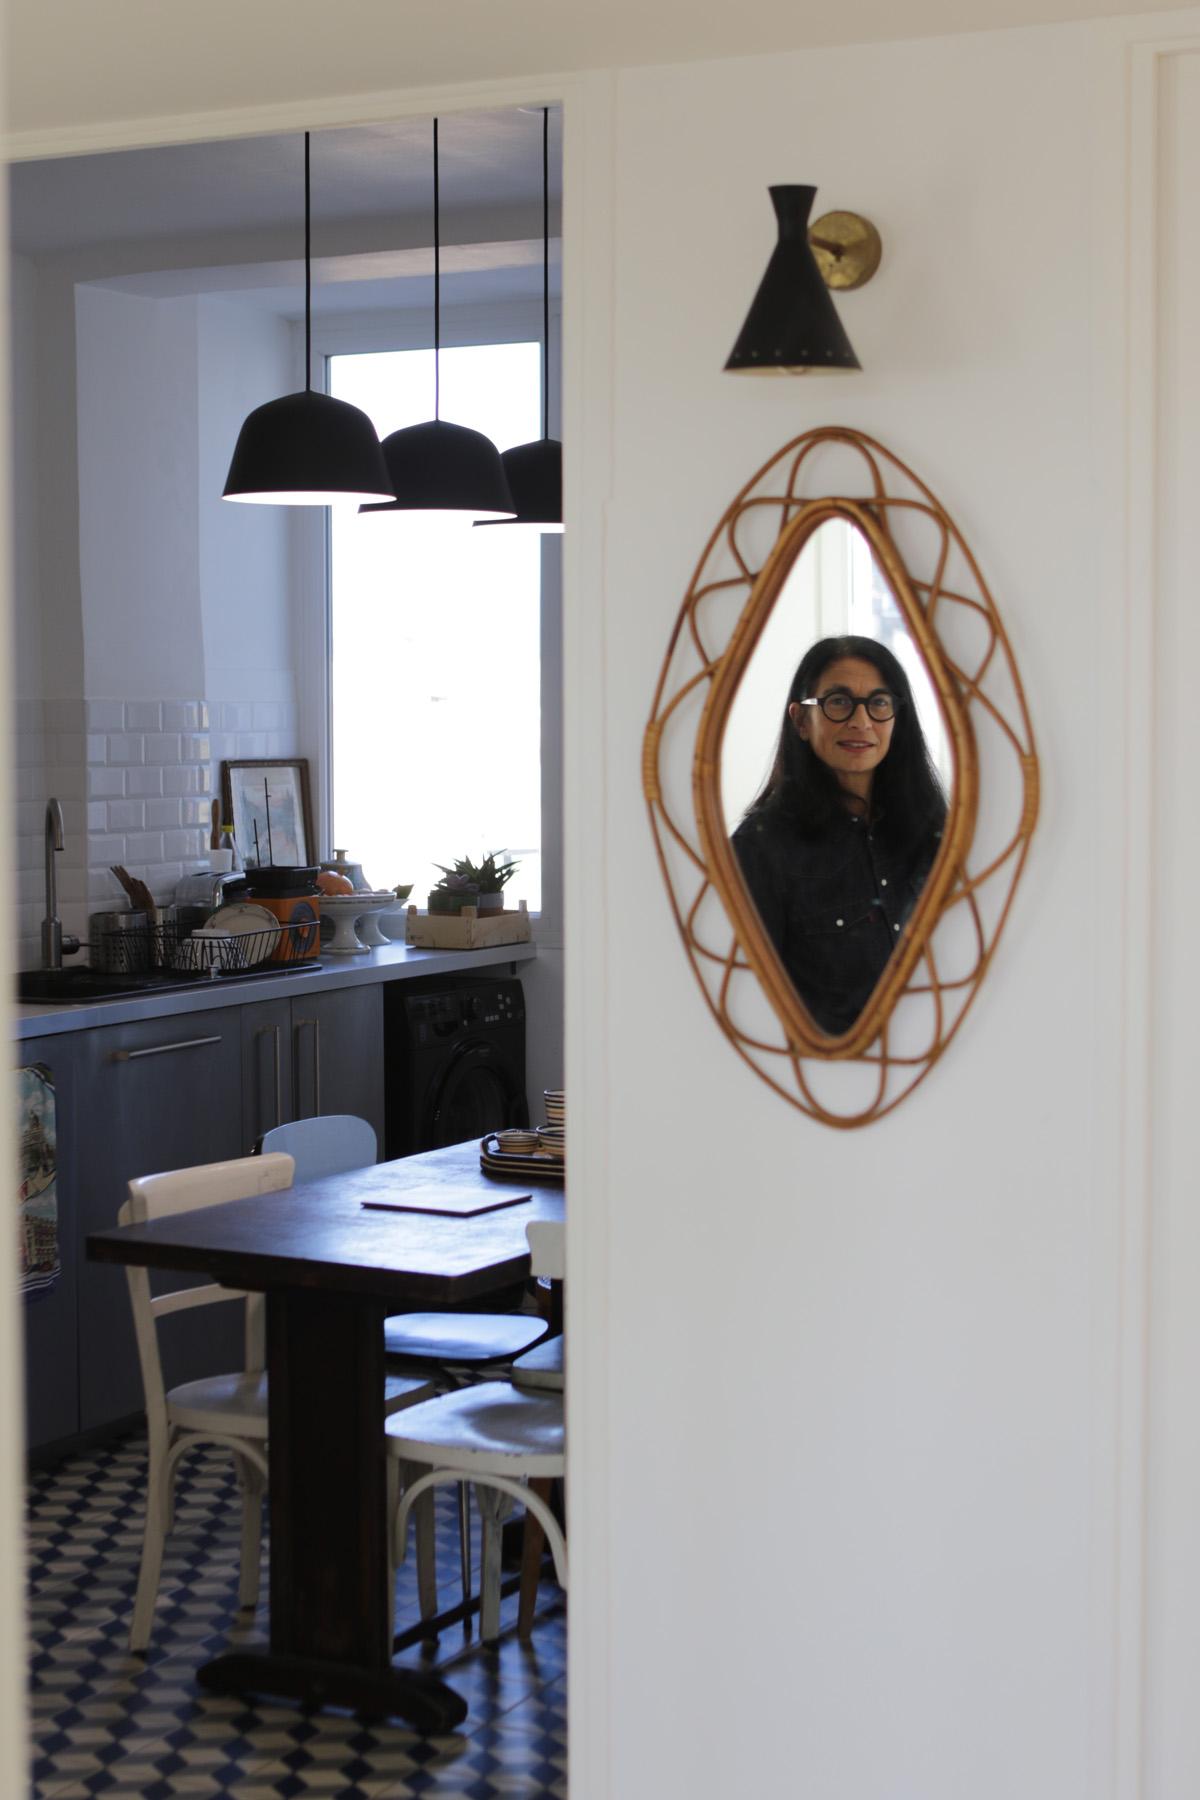 Suspensions noir mat    Ambit de Muuto    acheté chez Good 19 Rue Venture -13001 Marseille.    Applique noire Igor et Abi Puces de Marseille.    Miroir en rotin Pascal Cuello Brocante Canebière.